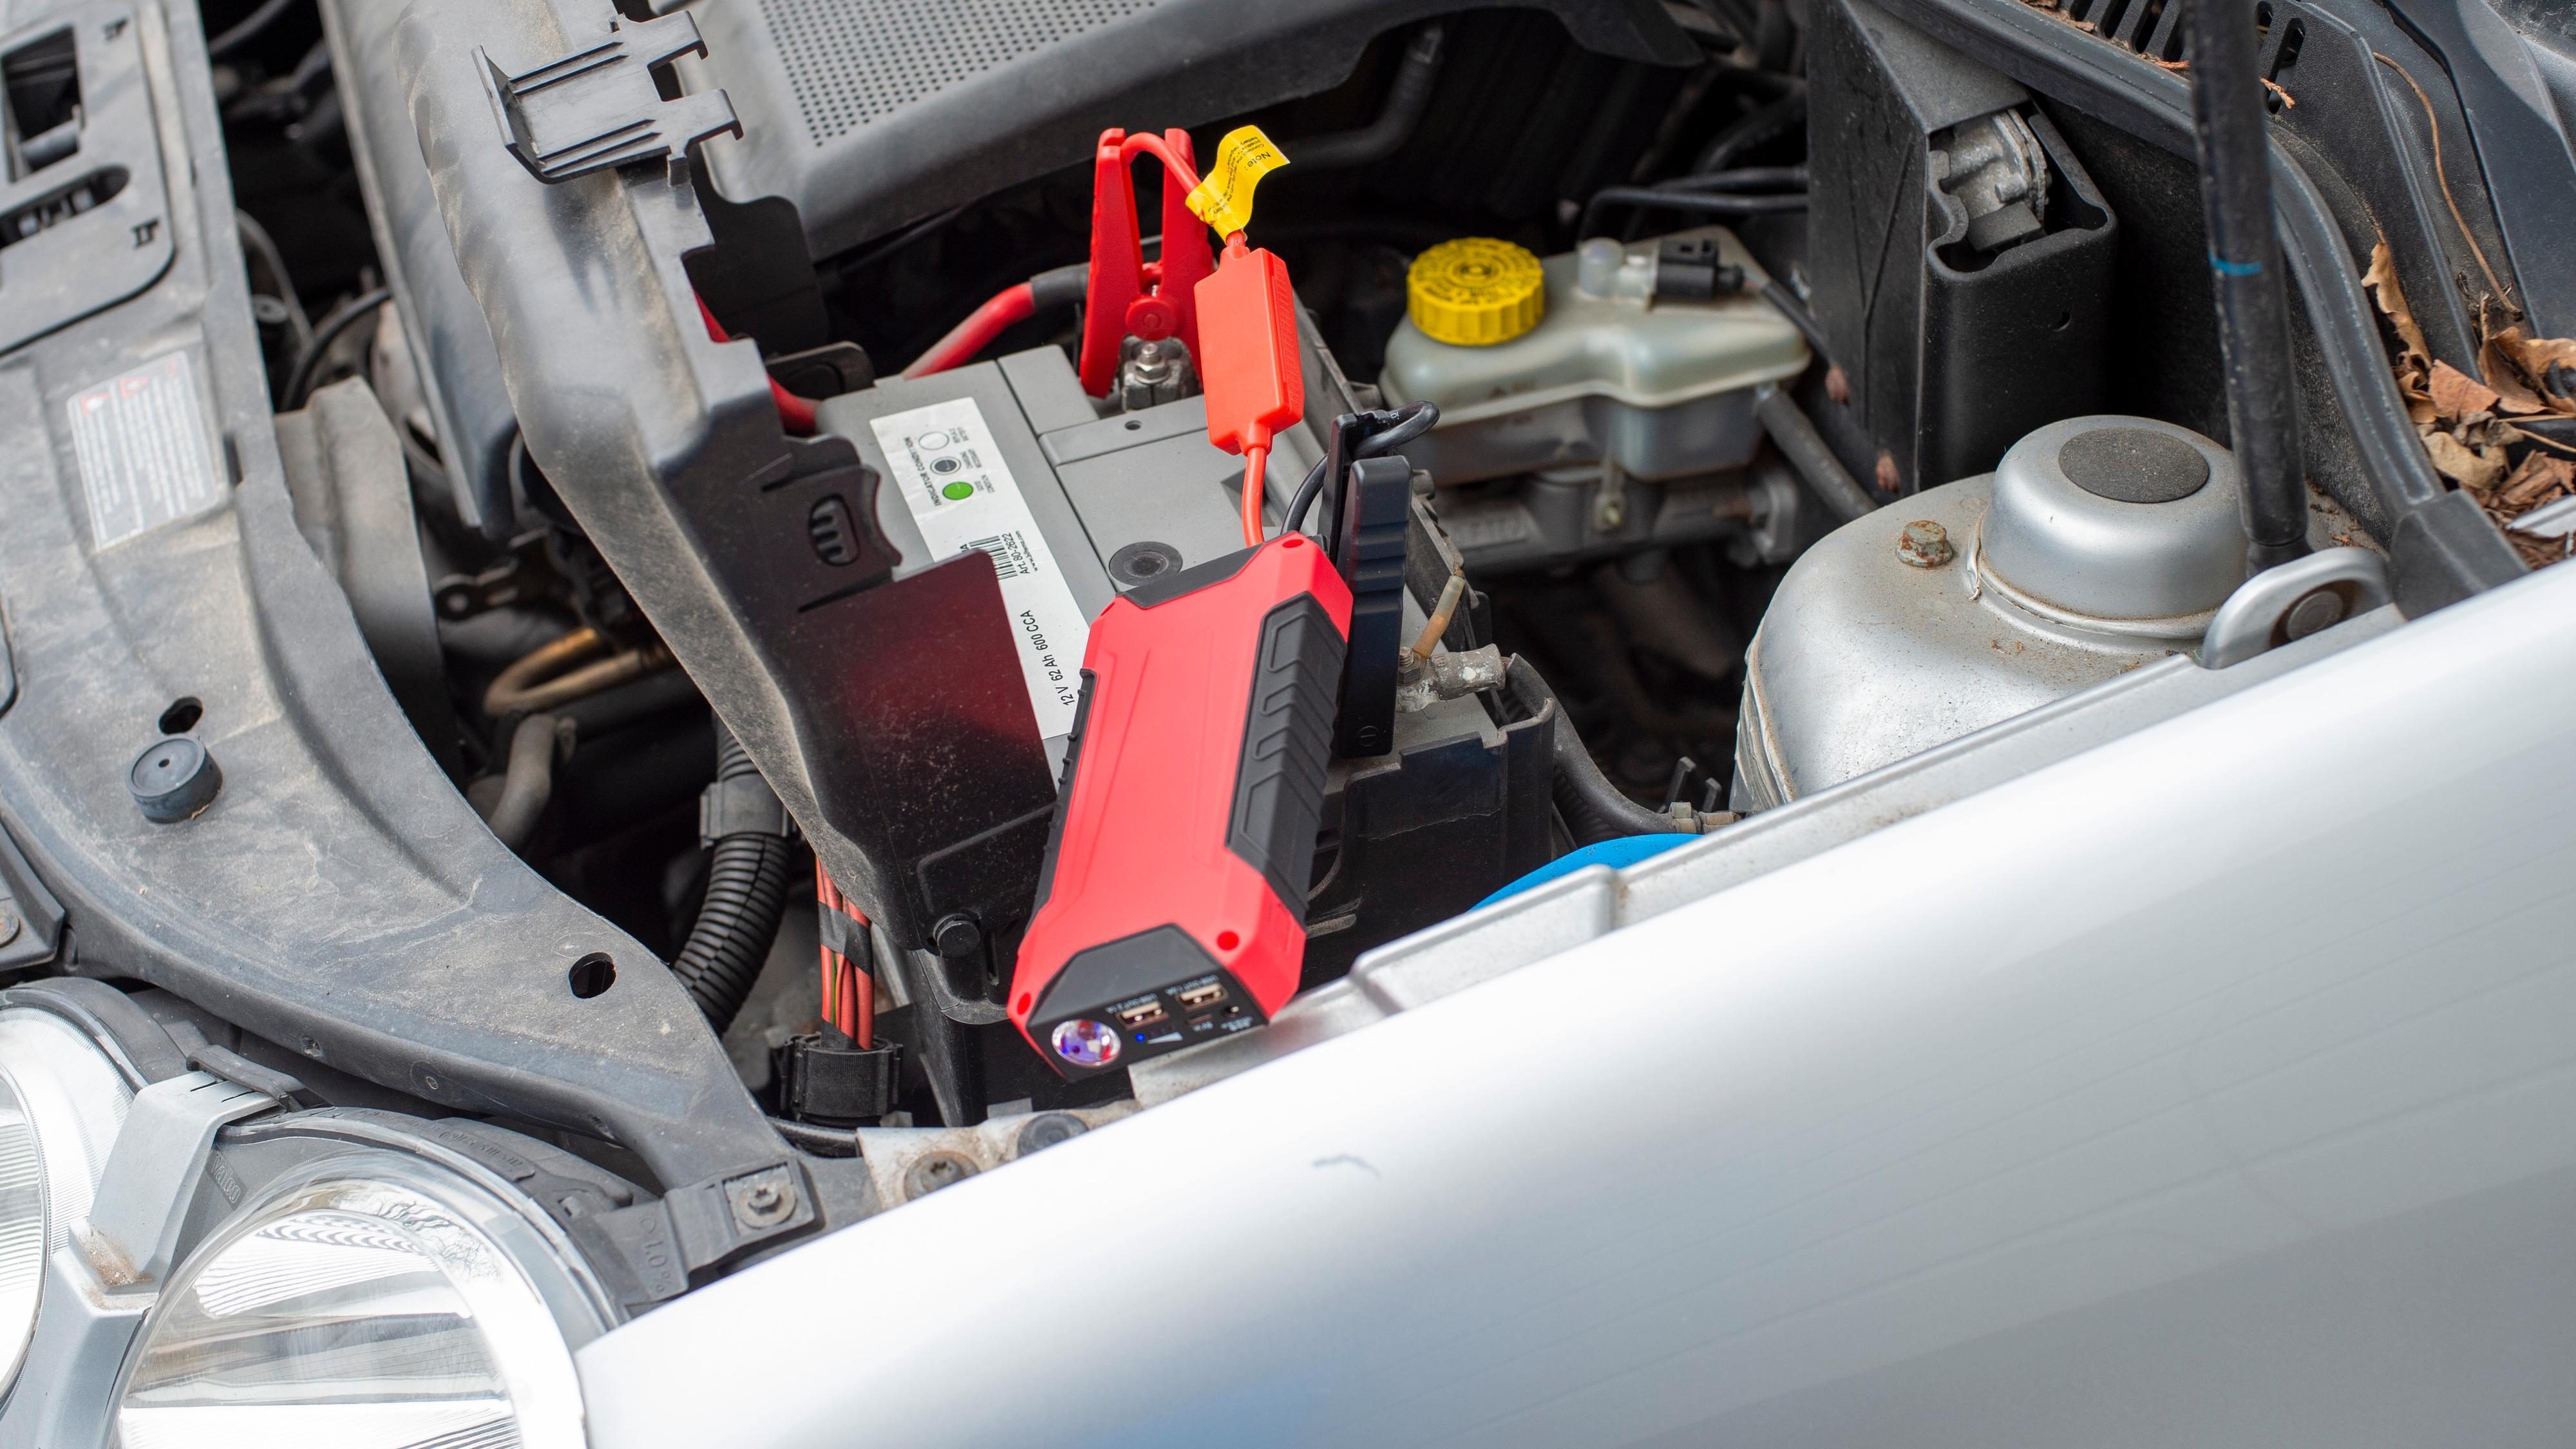 Mobilladeren som er kraftig nok til å starte bilen din